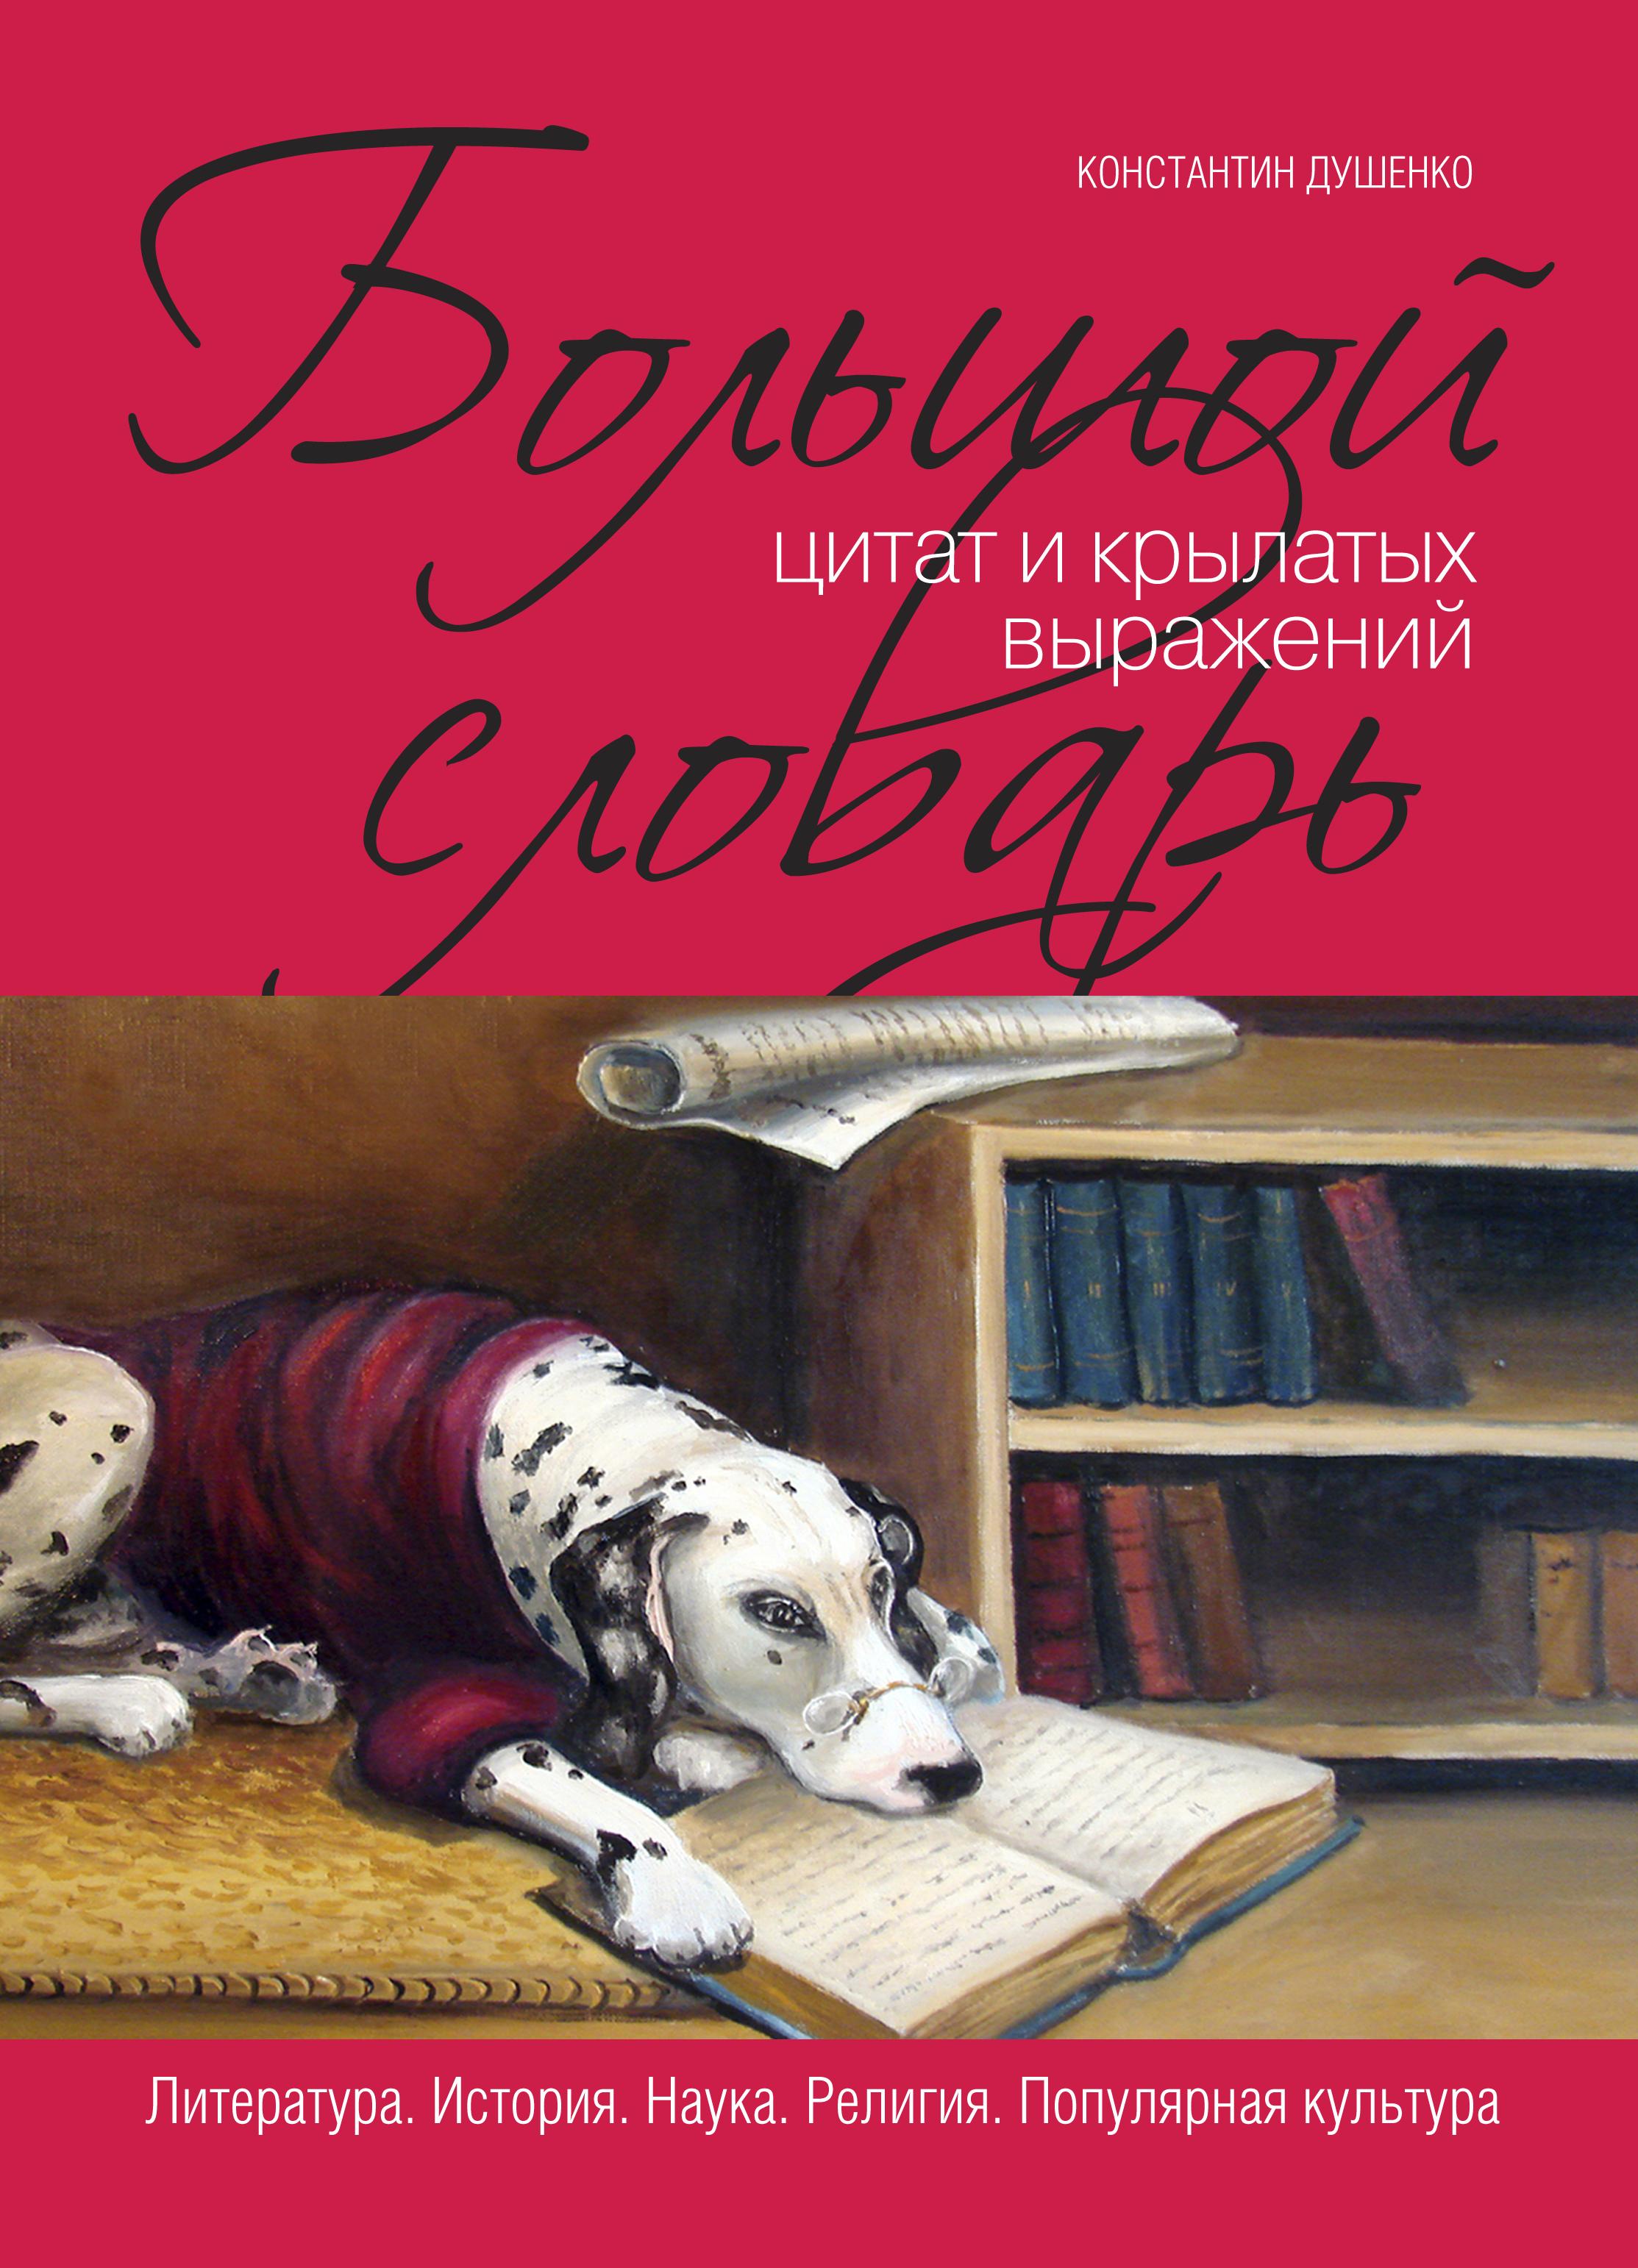 Константин Душенко Большой словарь цитат и крылатых выражений цена